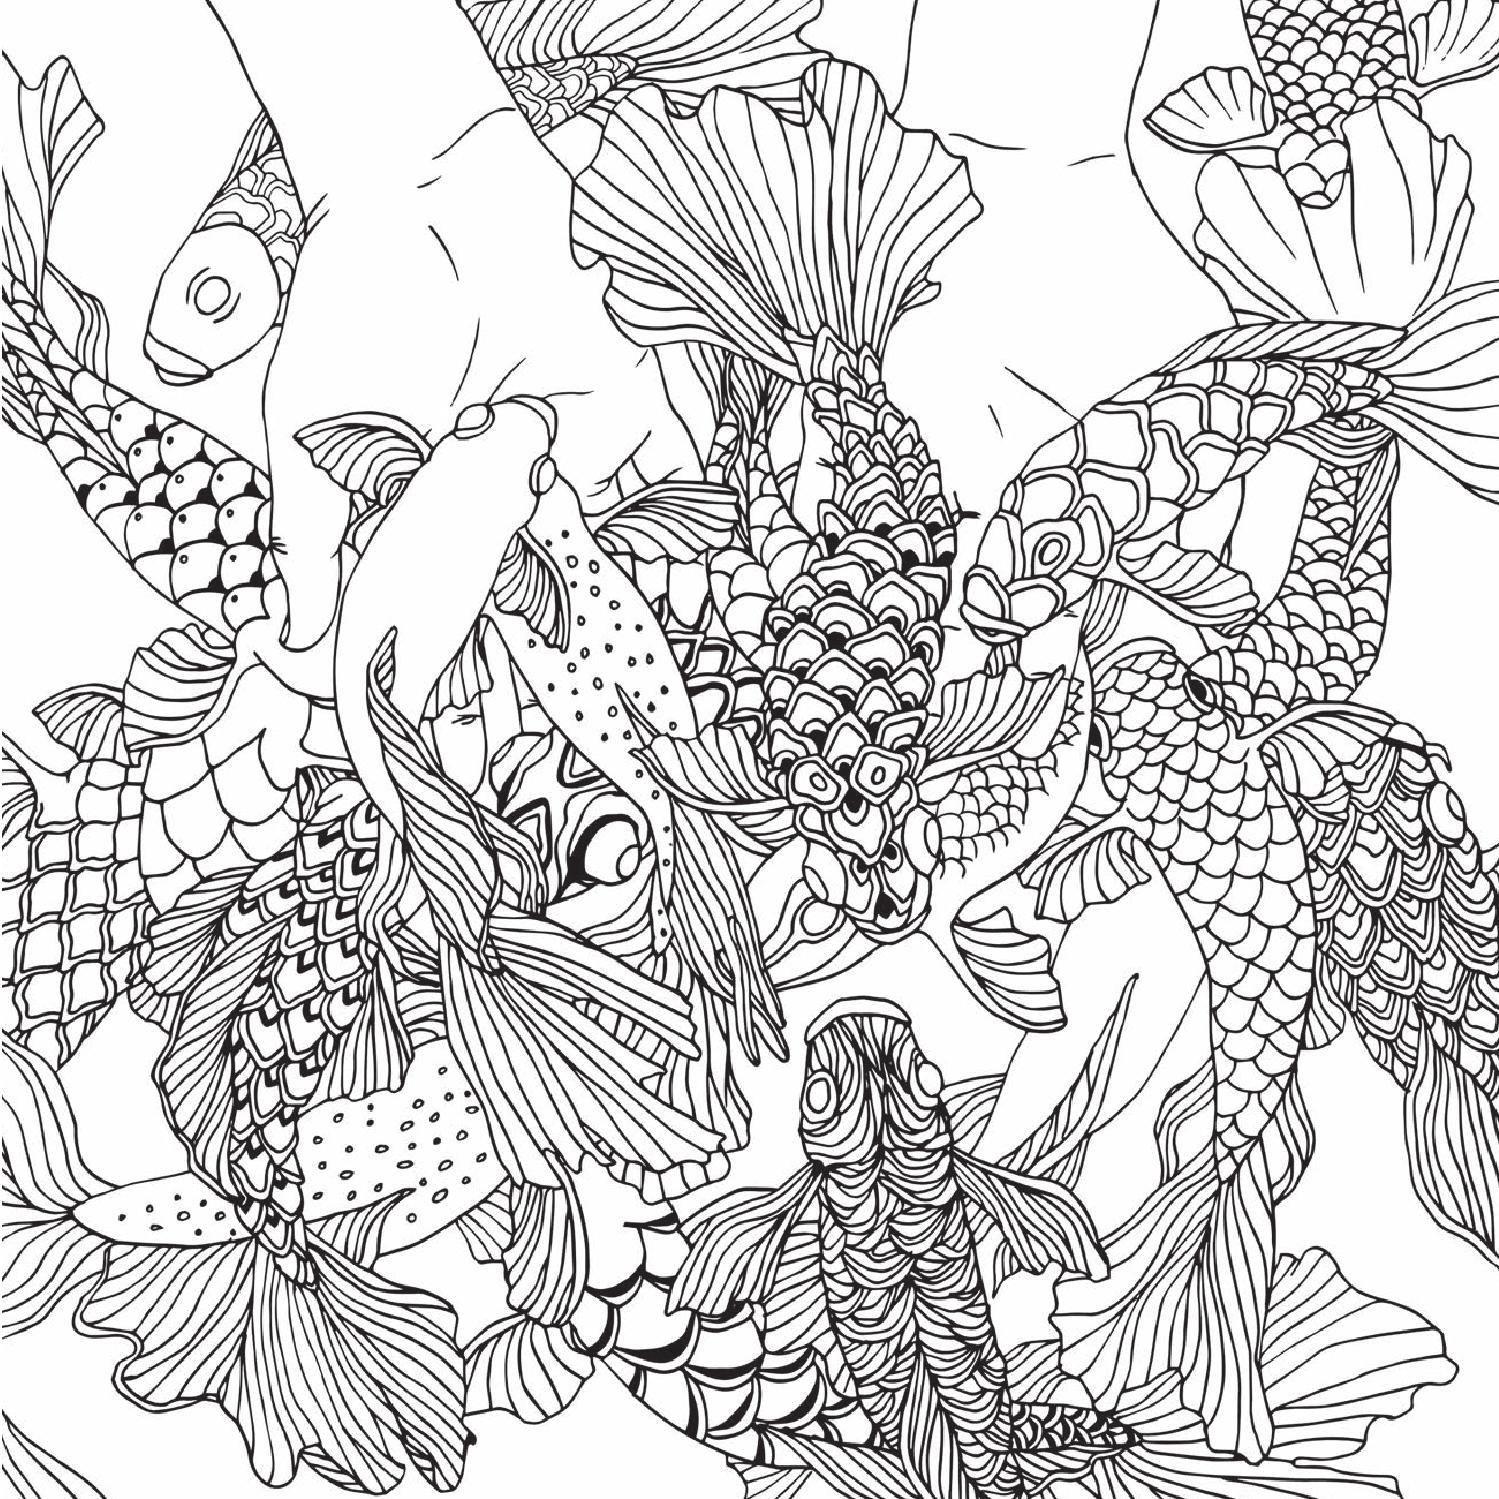 Metamorfish. Tras los arrecifes / mtm editores